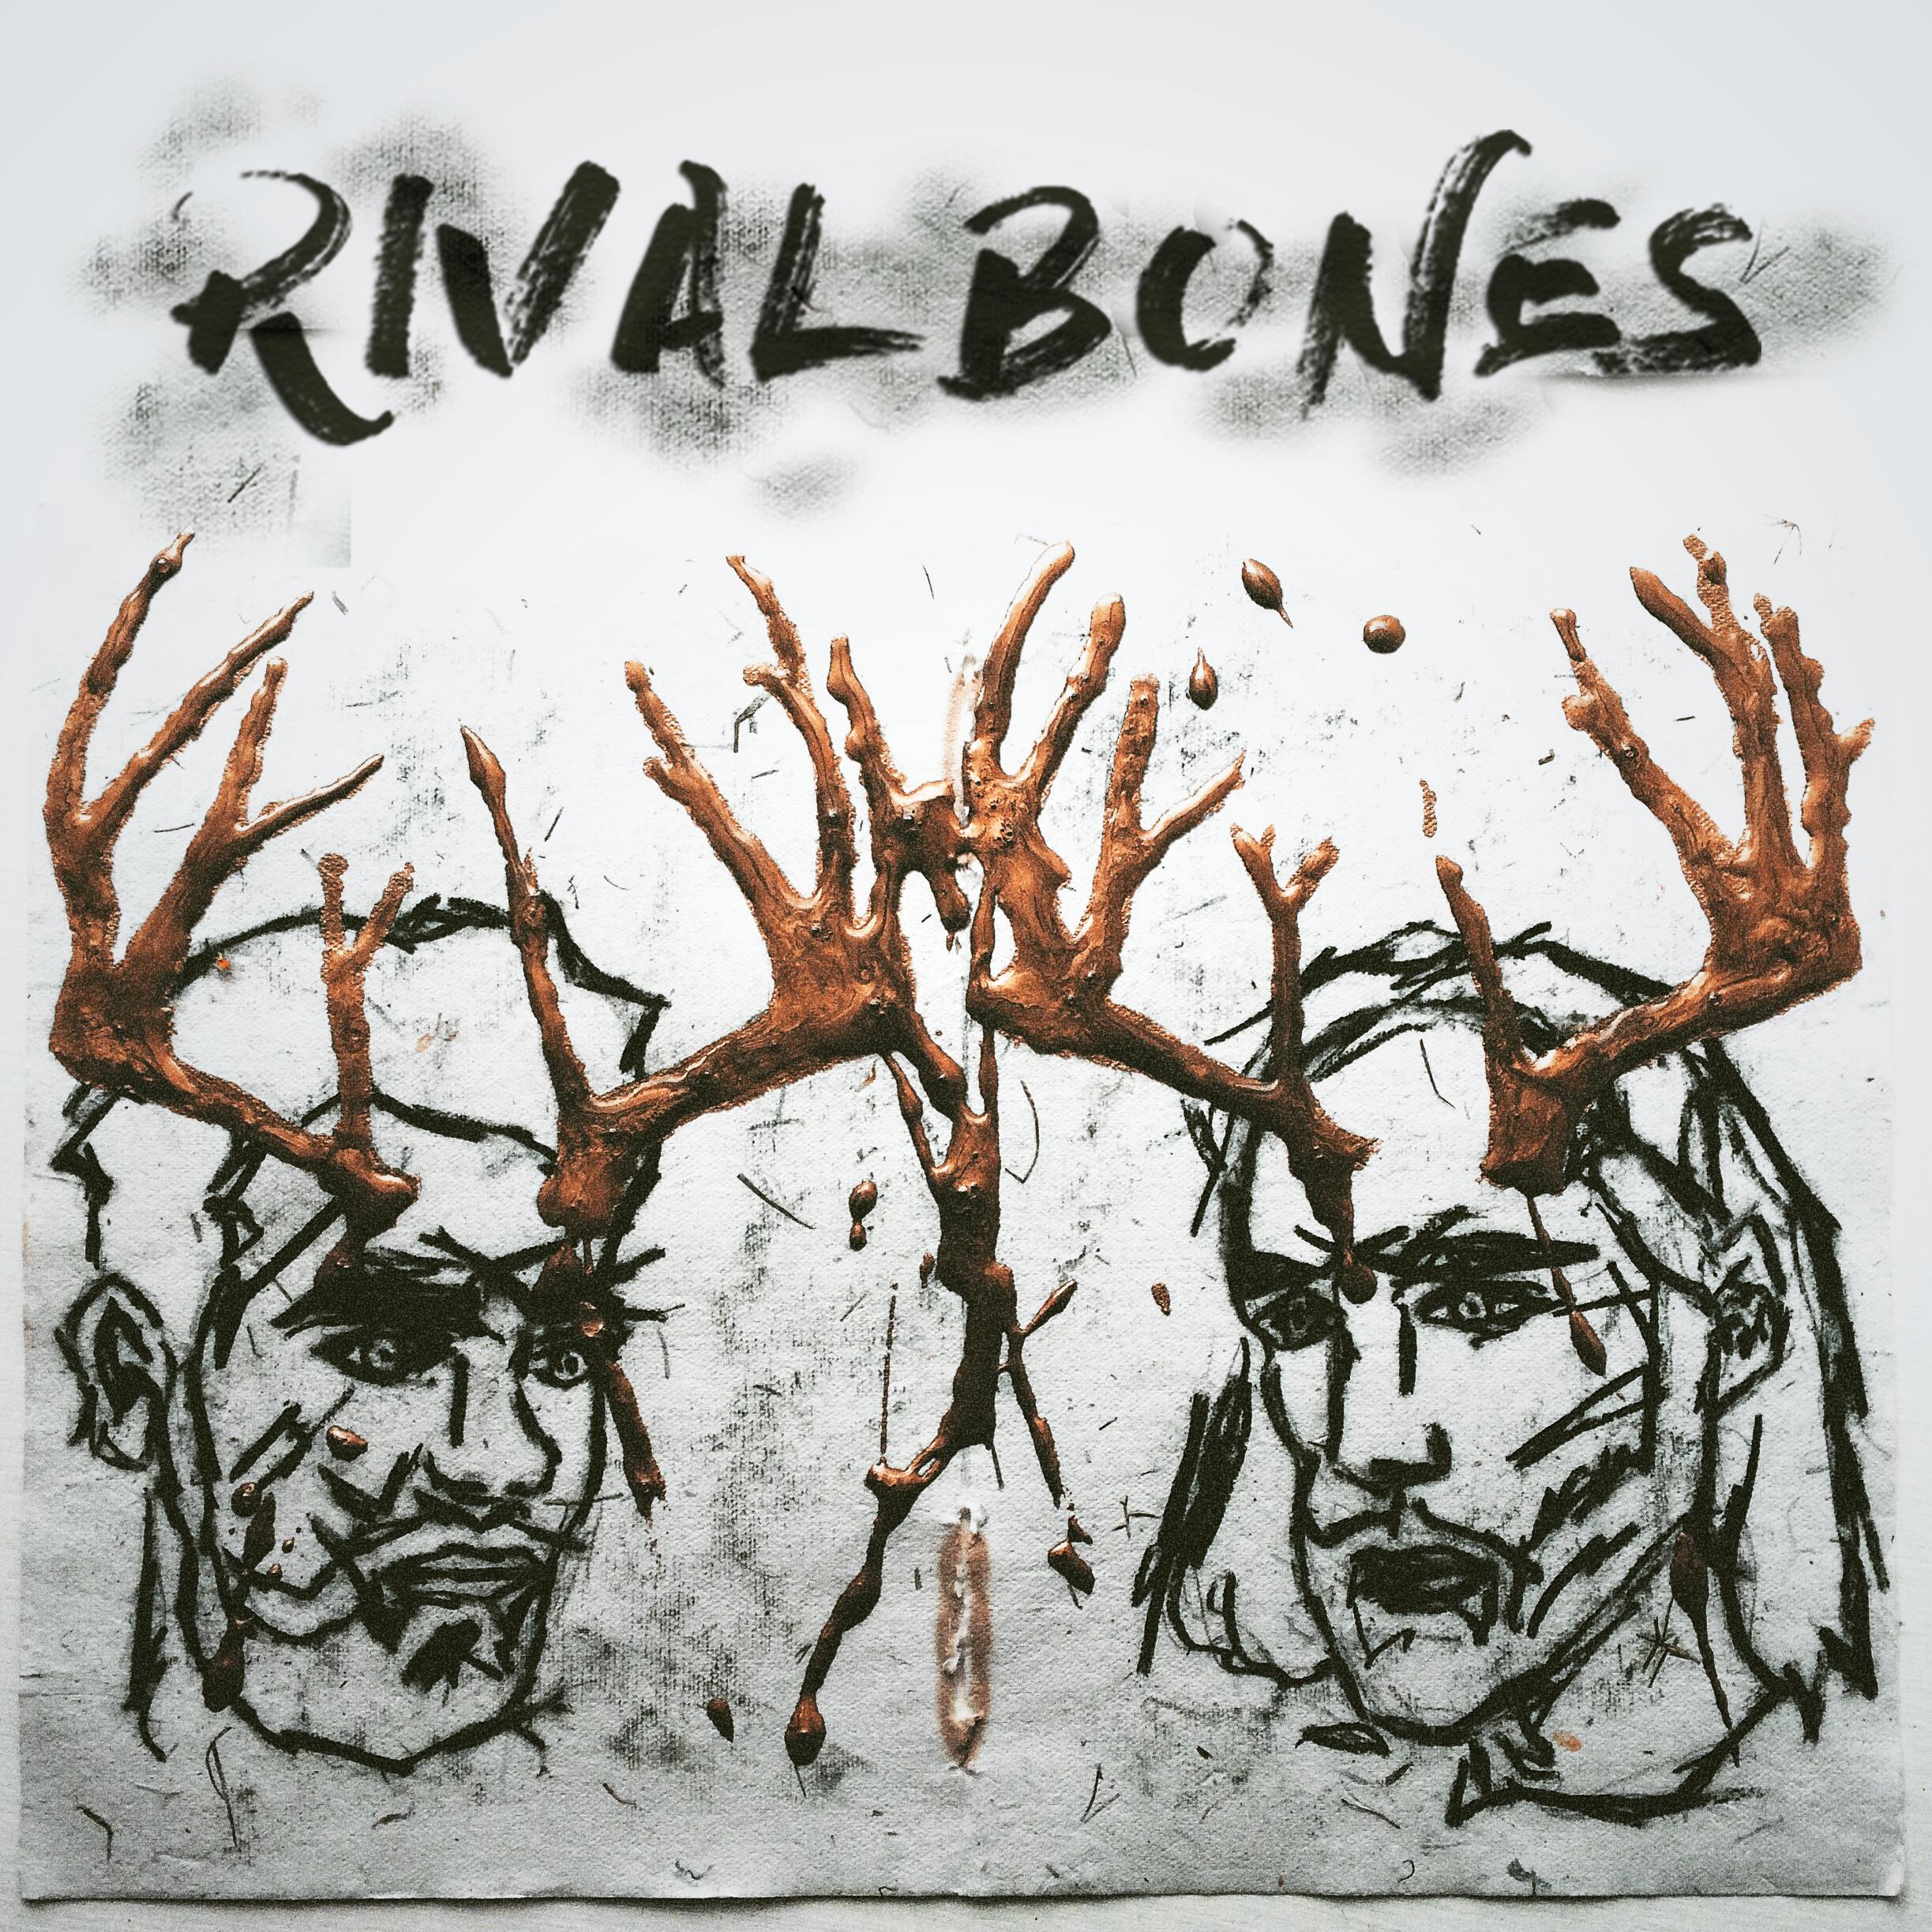 Rival Bones – Rival Bones